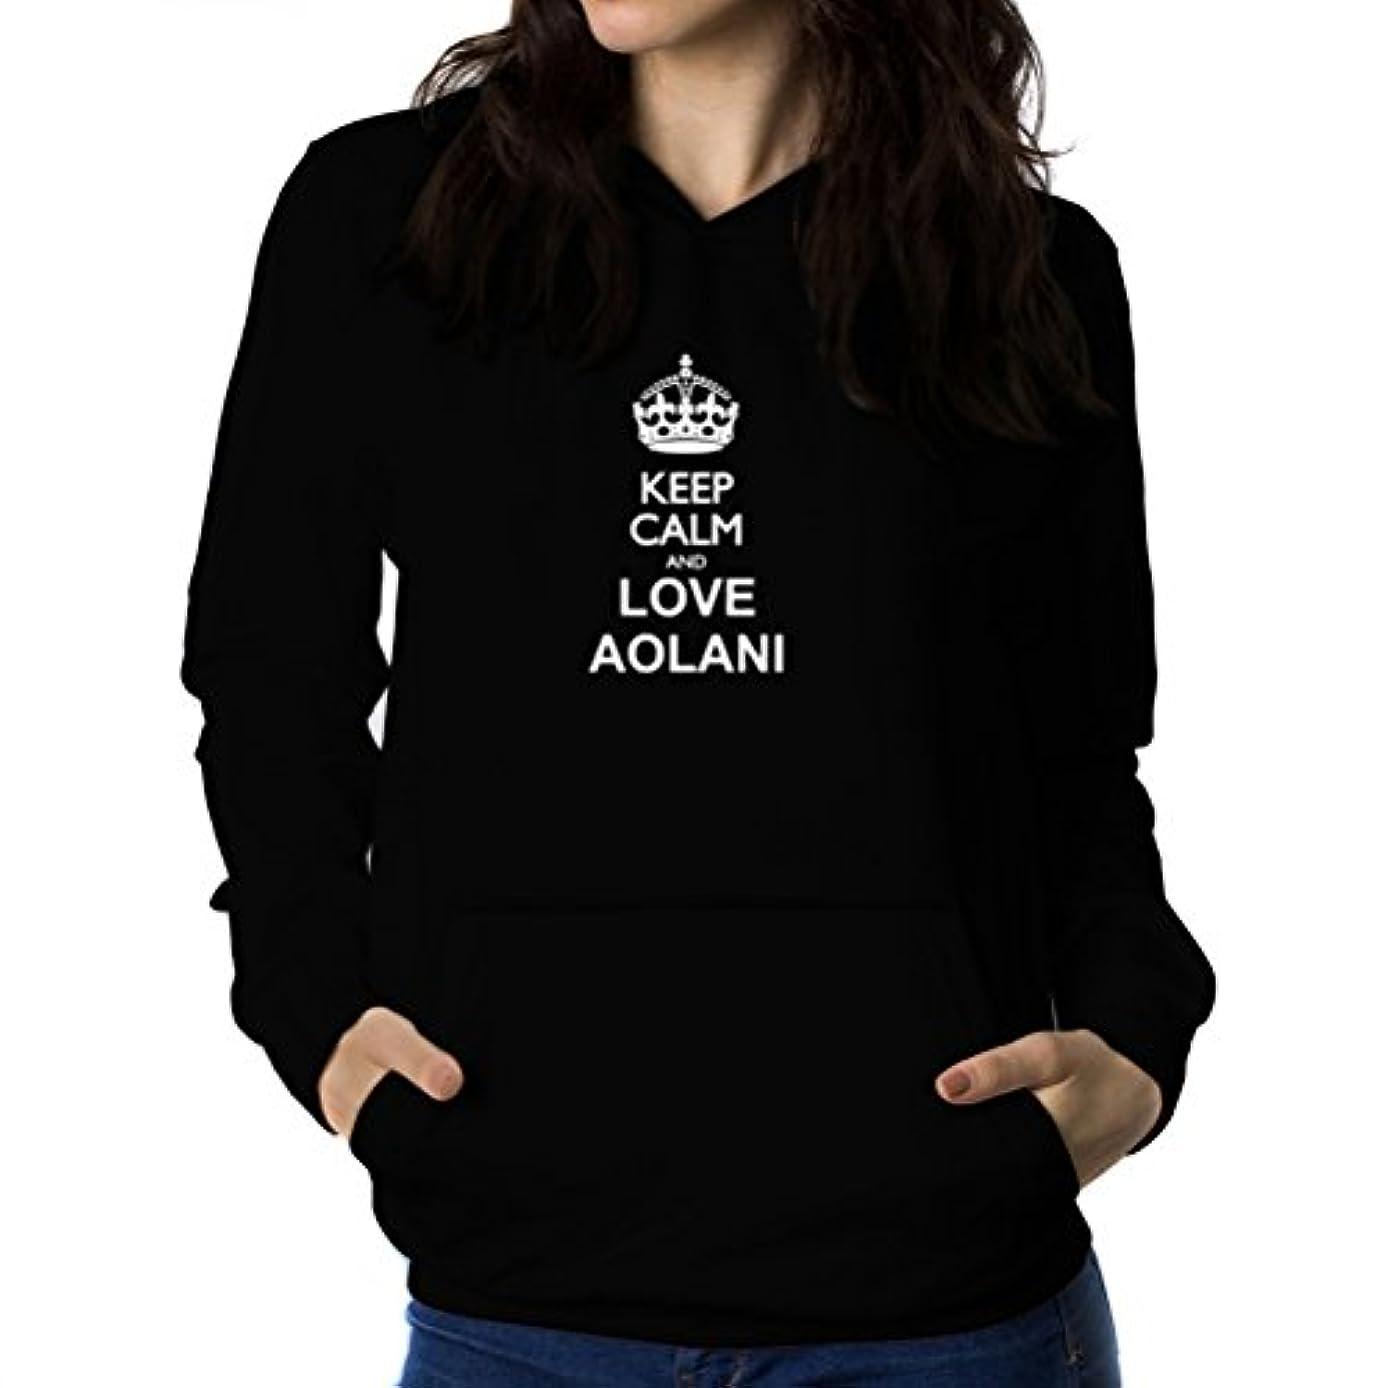 裁判所有料ブランチKeep calm and love Aolani 女性 フーディー